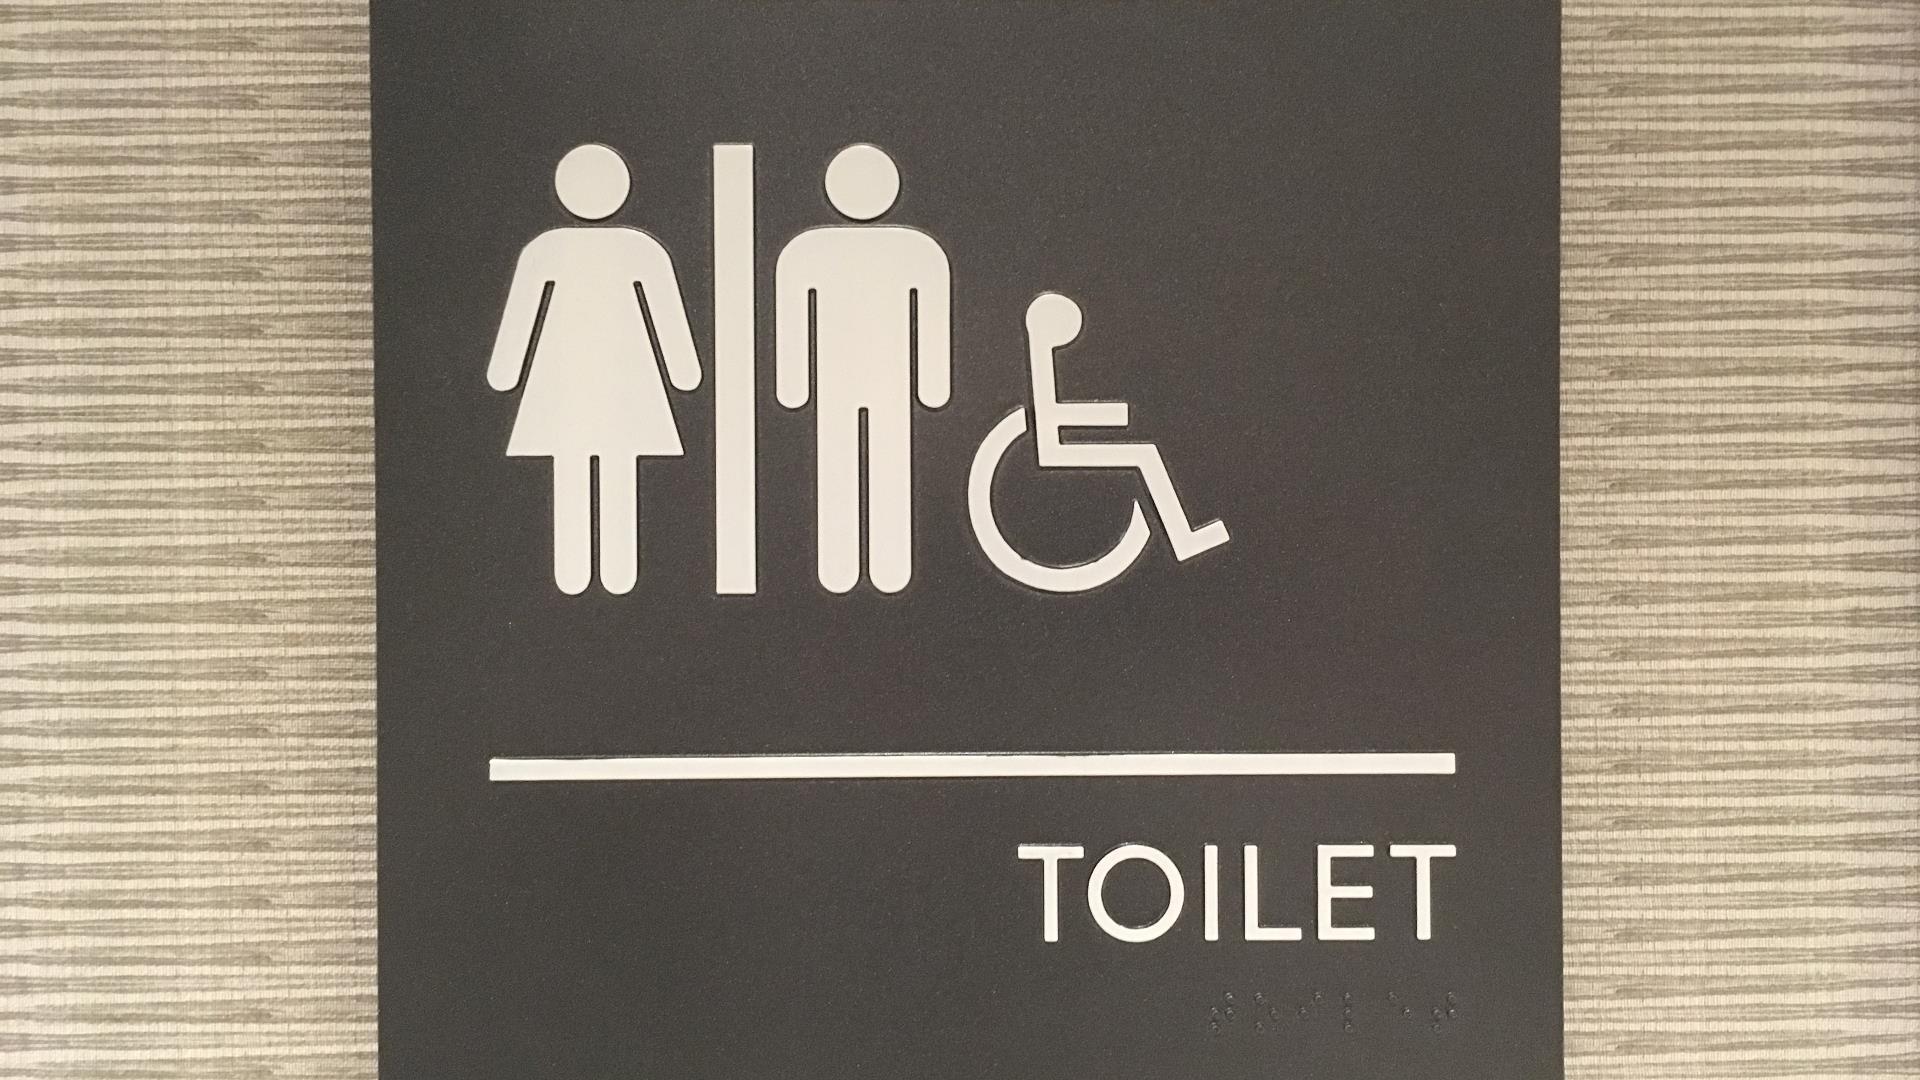 Image of ADA restroom signage